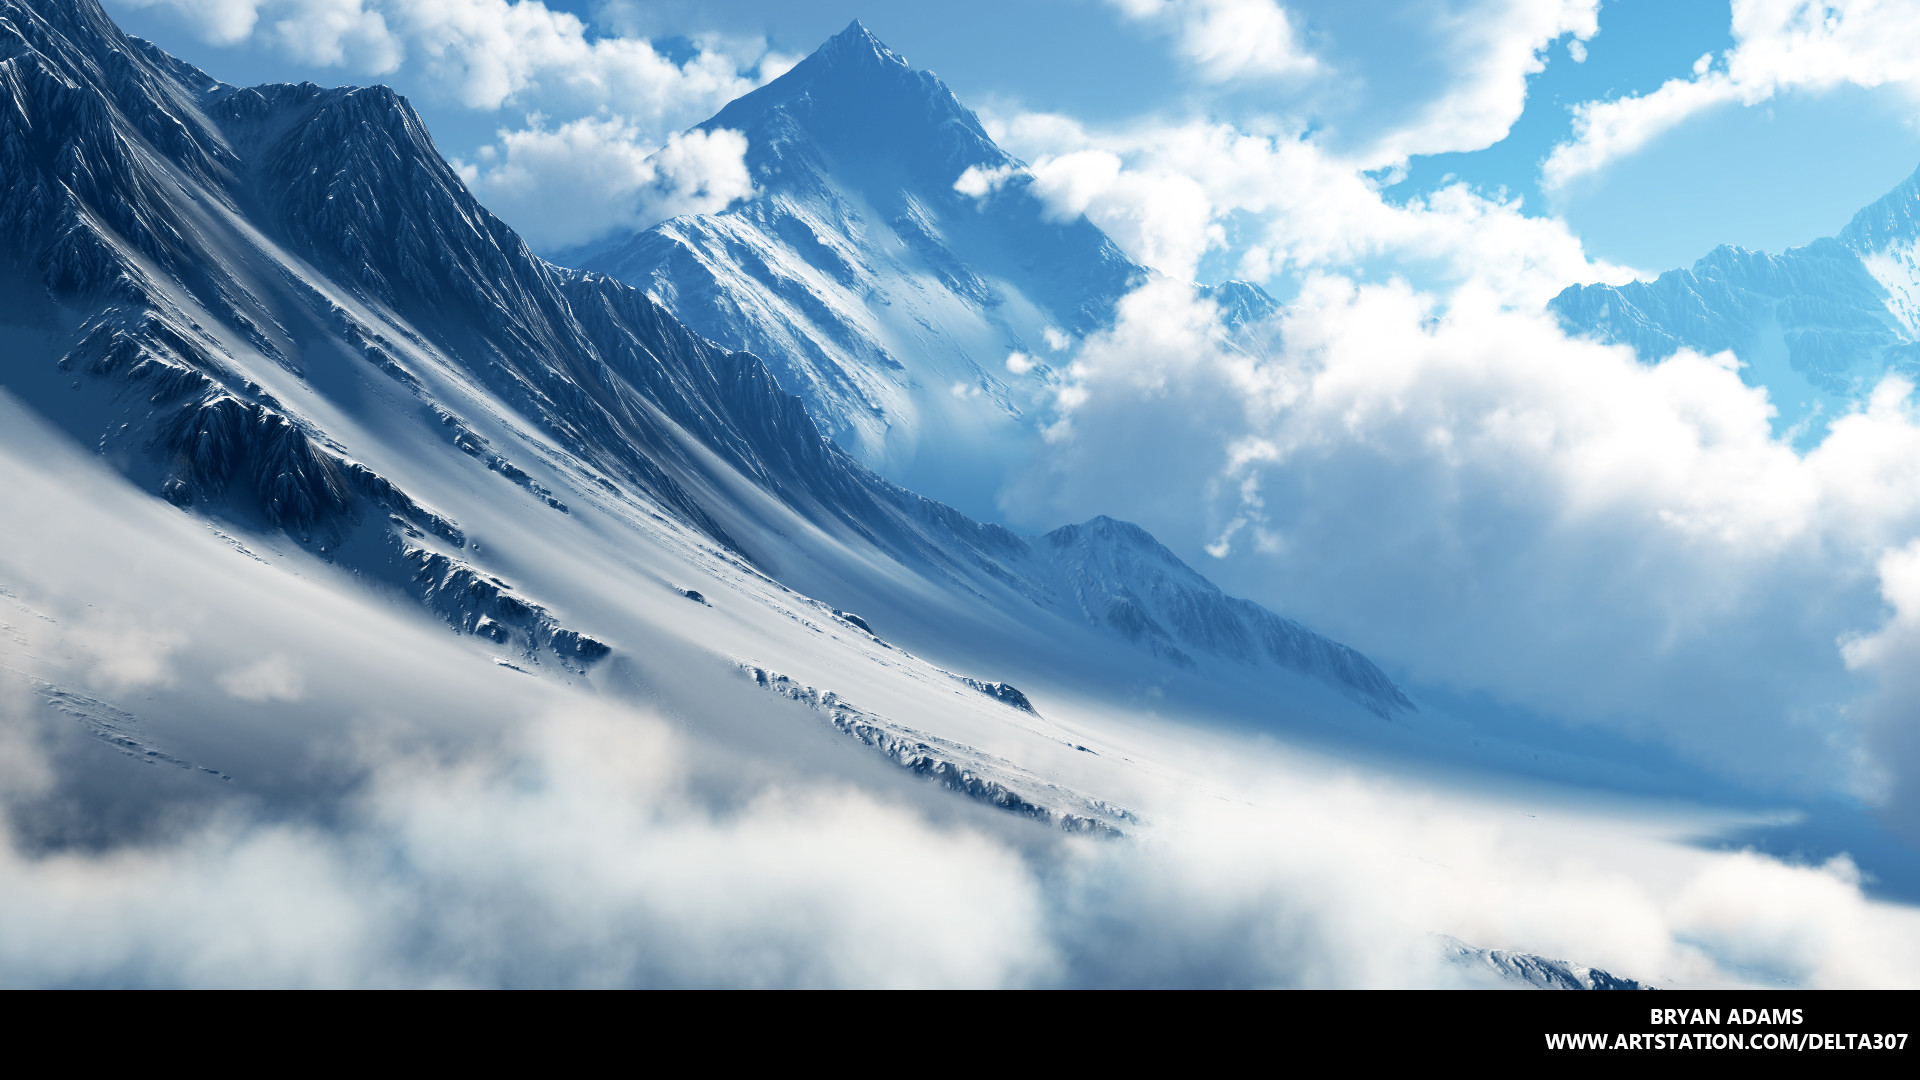 bryan-adams-snowy-peaks